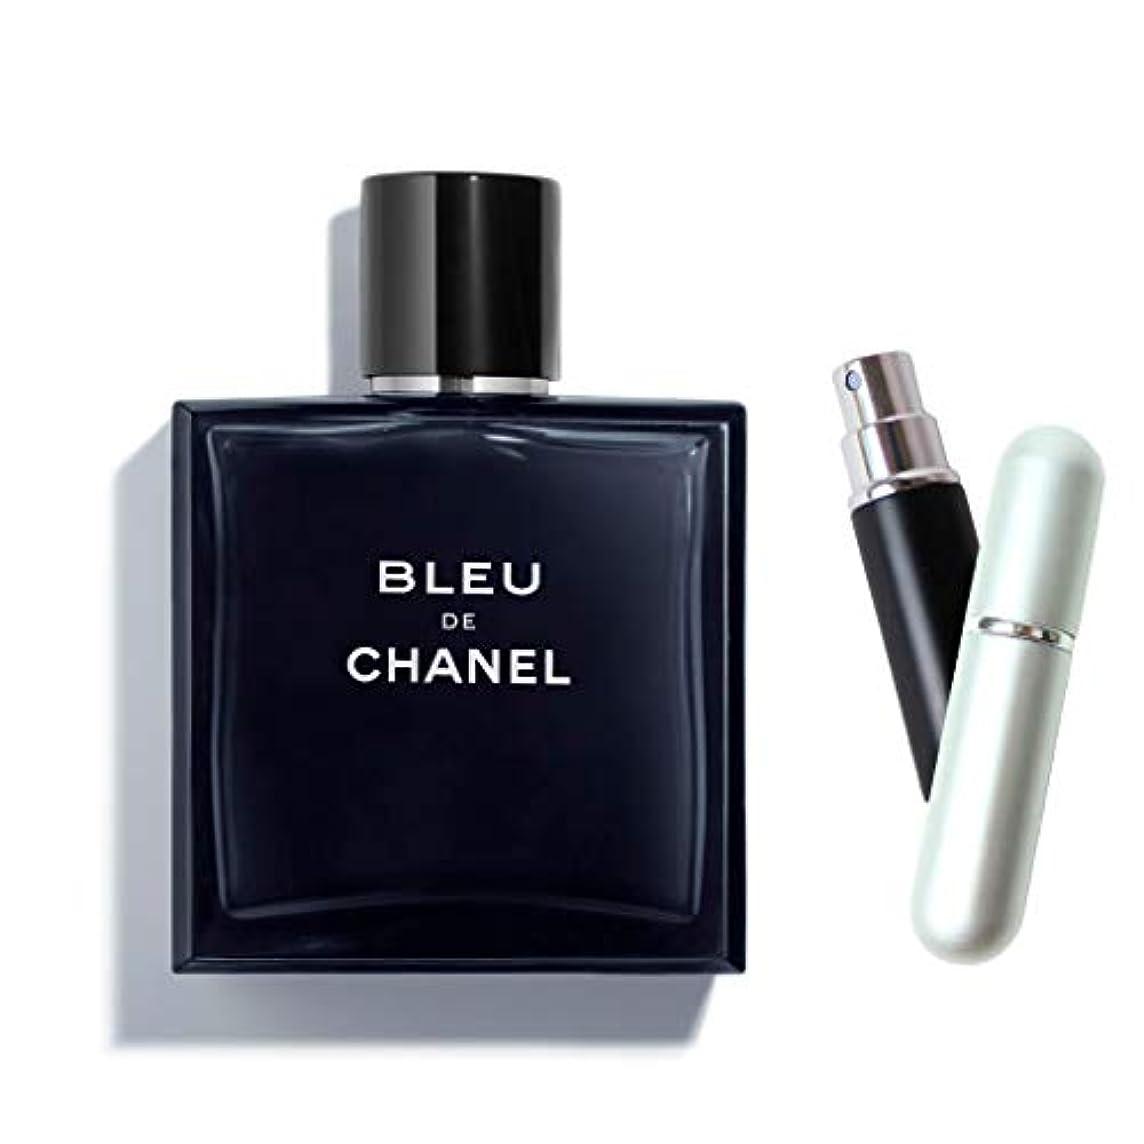 呼びかける急性活力[正規品 セット品] アトマイザー付き シャネル 香水 ブルー ドゥ シャネル EDT 100ml